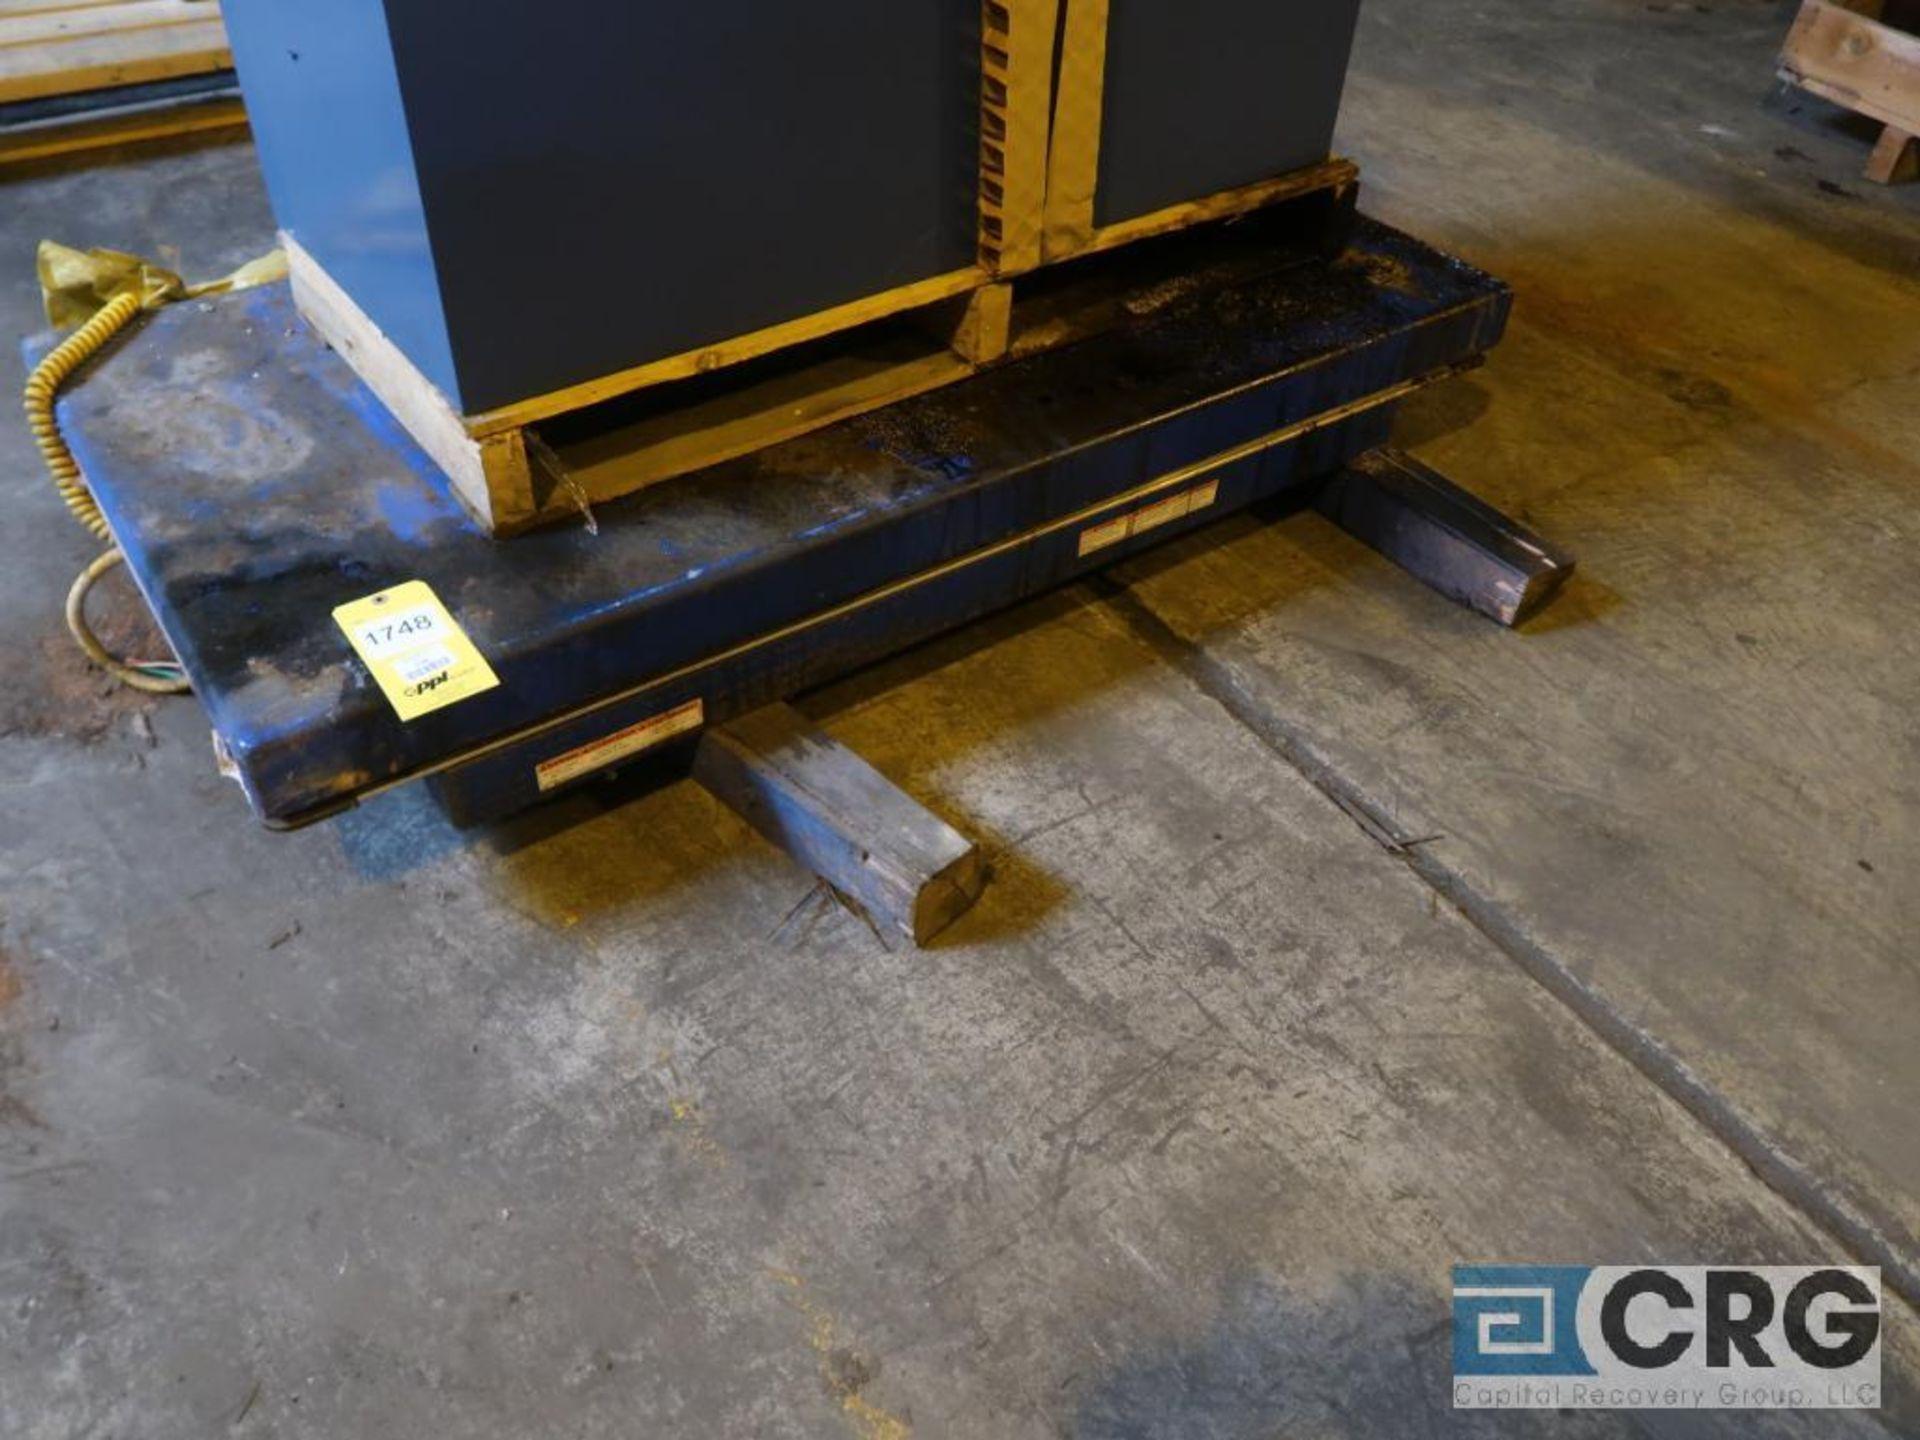 Vestic hydraulic platform lift, 30 x 60, 3,000 lb. cap. (Next Bay Cage Area)